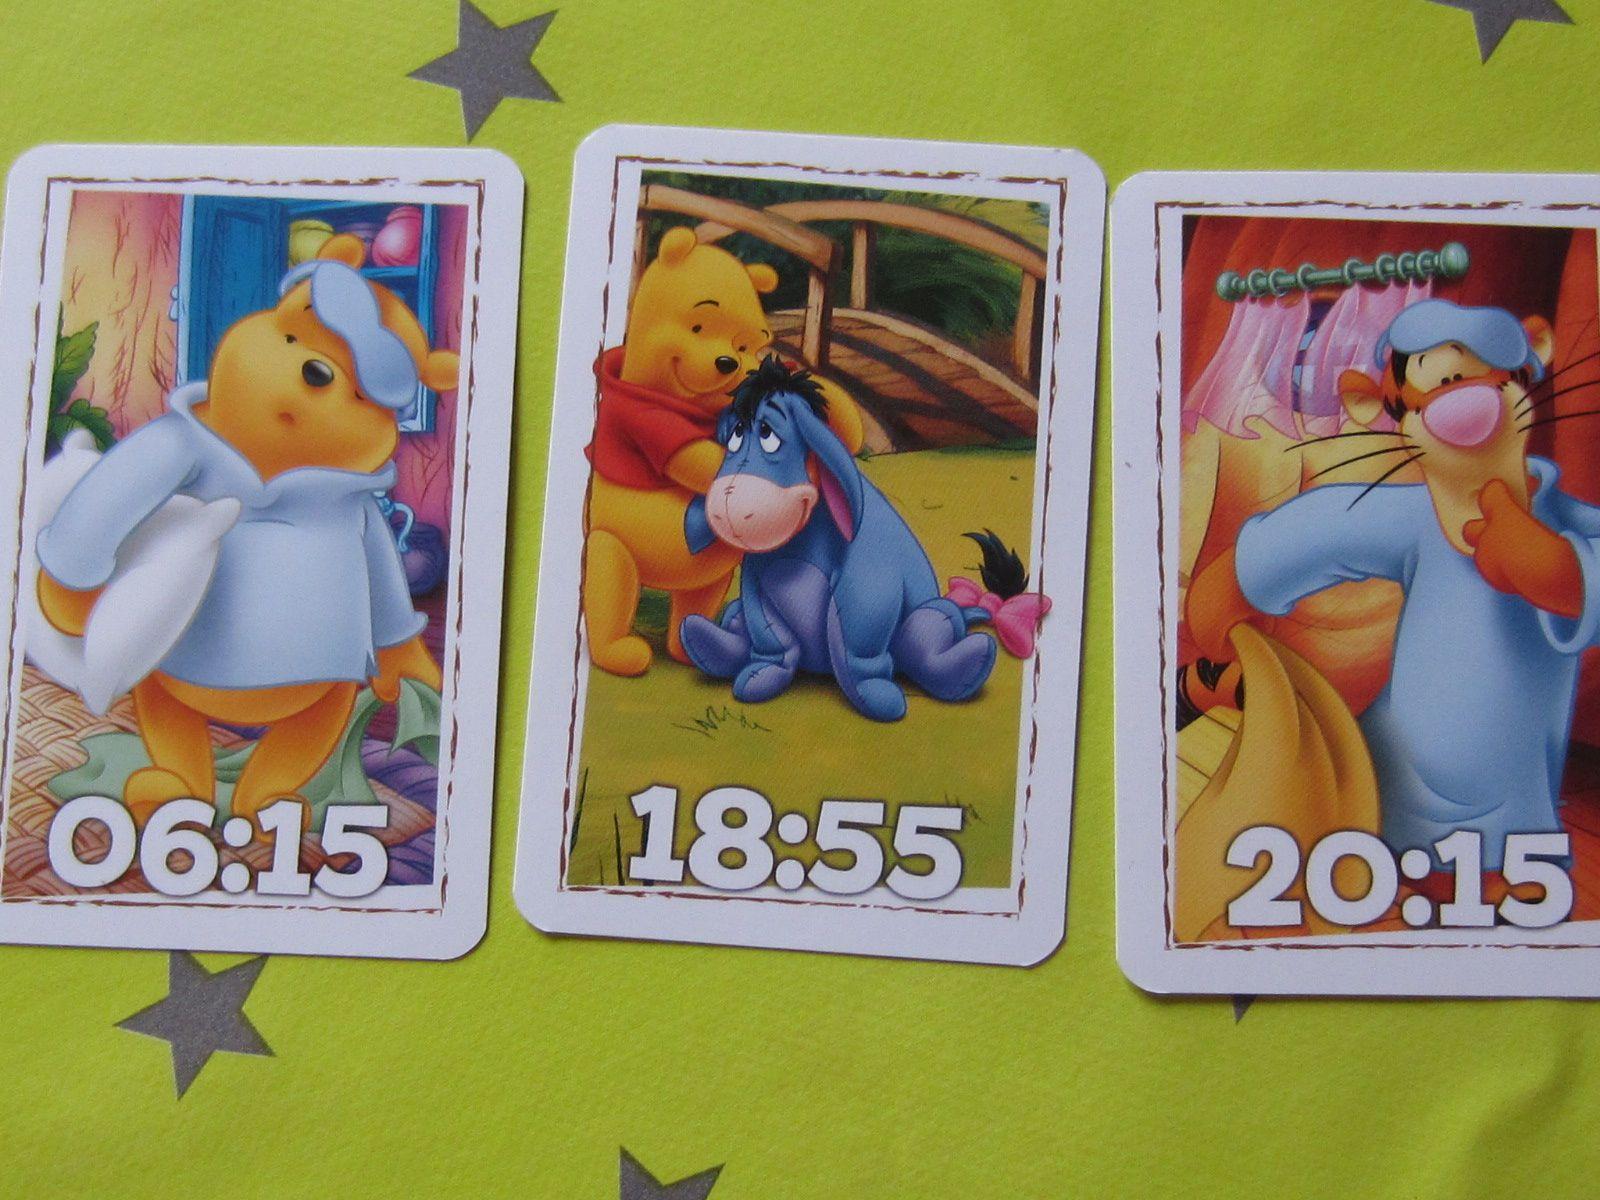 Ensuite il n'y a plus qu'à choisir une carte parmi les 30, l'enfant devra reporter l'heure sur son horloge, le petit plus l'indice que laisse les cartes &#x3B;)